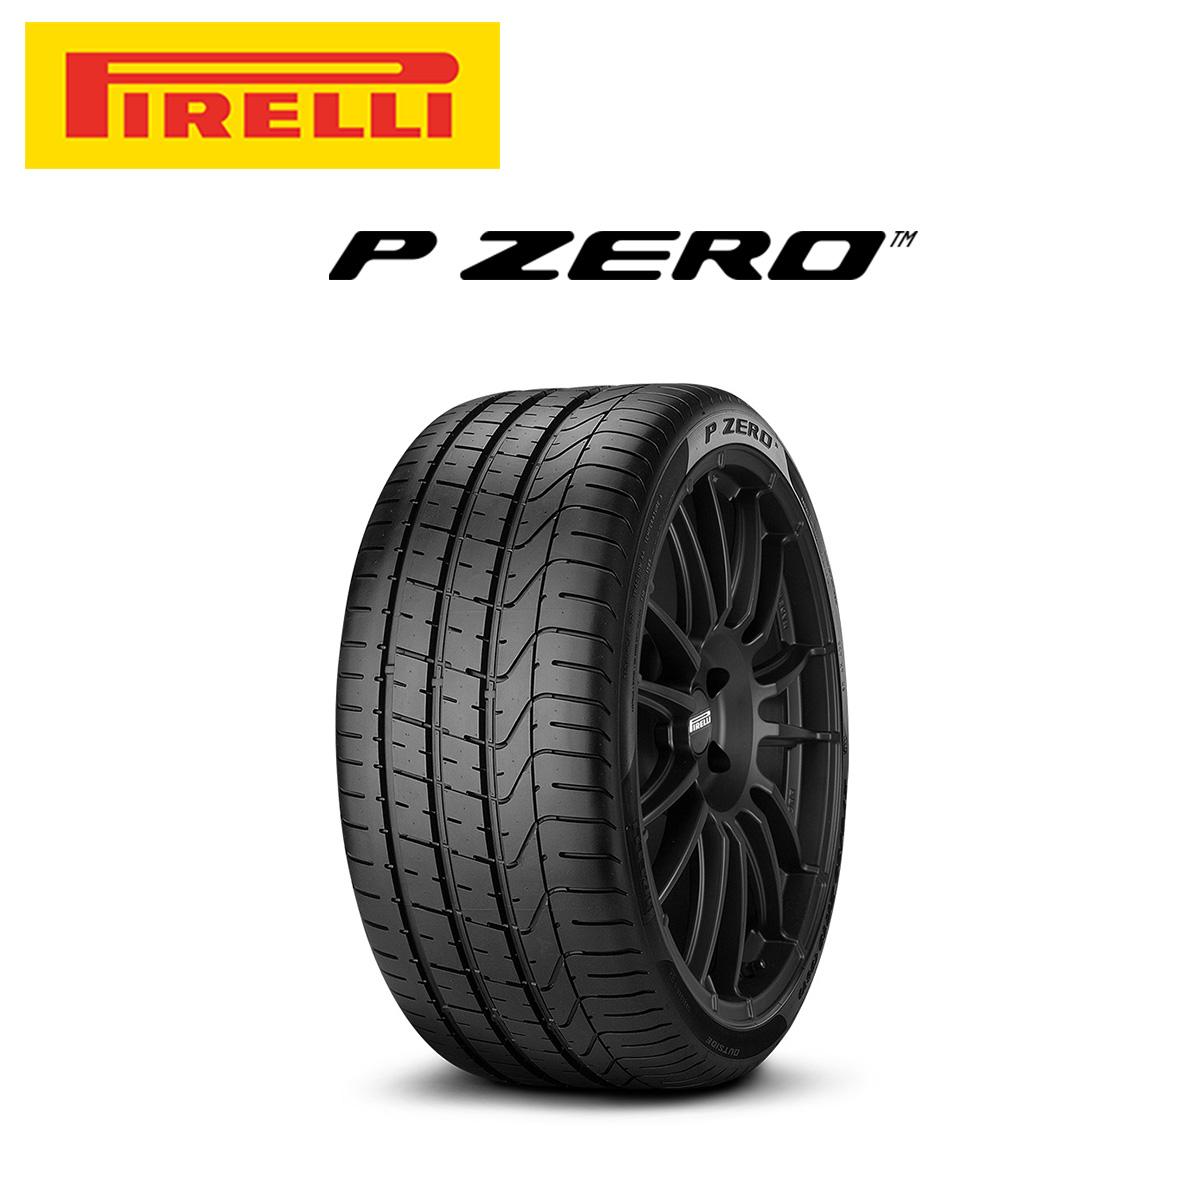 ピレリ PIRELLI P ZERO ピーゼロ 21インチ サマー タイヤ 4本 セット 285/30ZR21 100Y XL MGT:マセラティ承認タイヤ 2217000